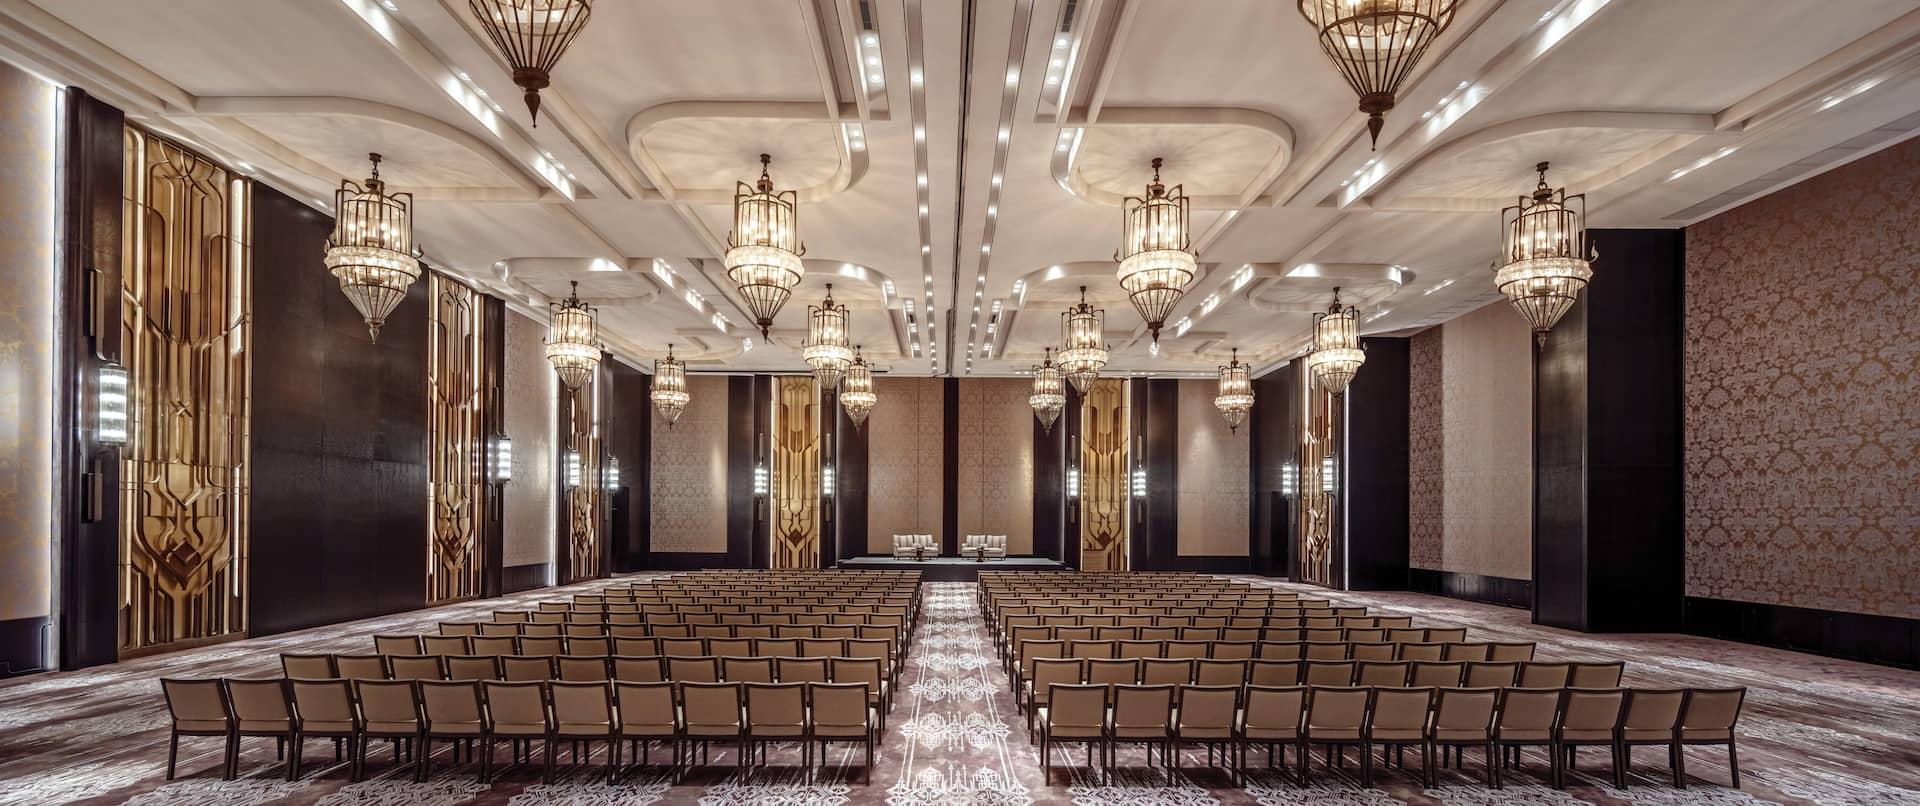 Magnolia Theatre Meeting Room